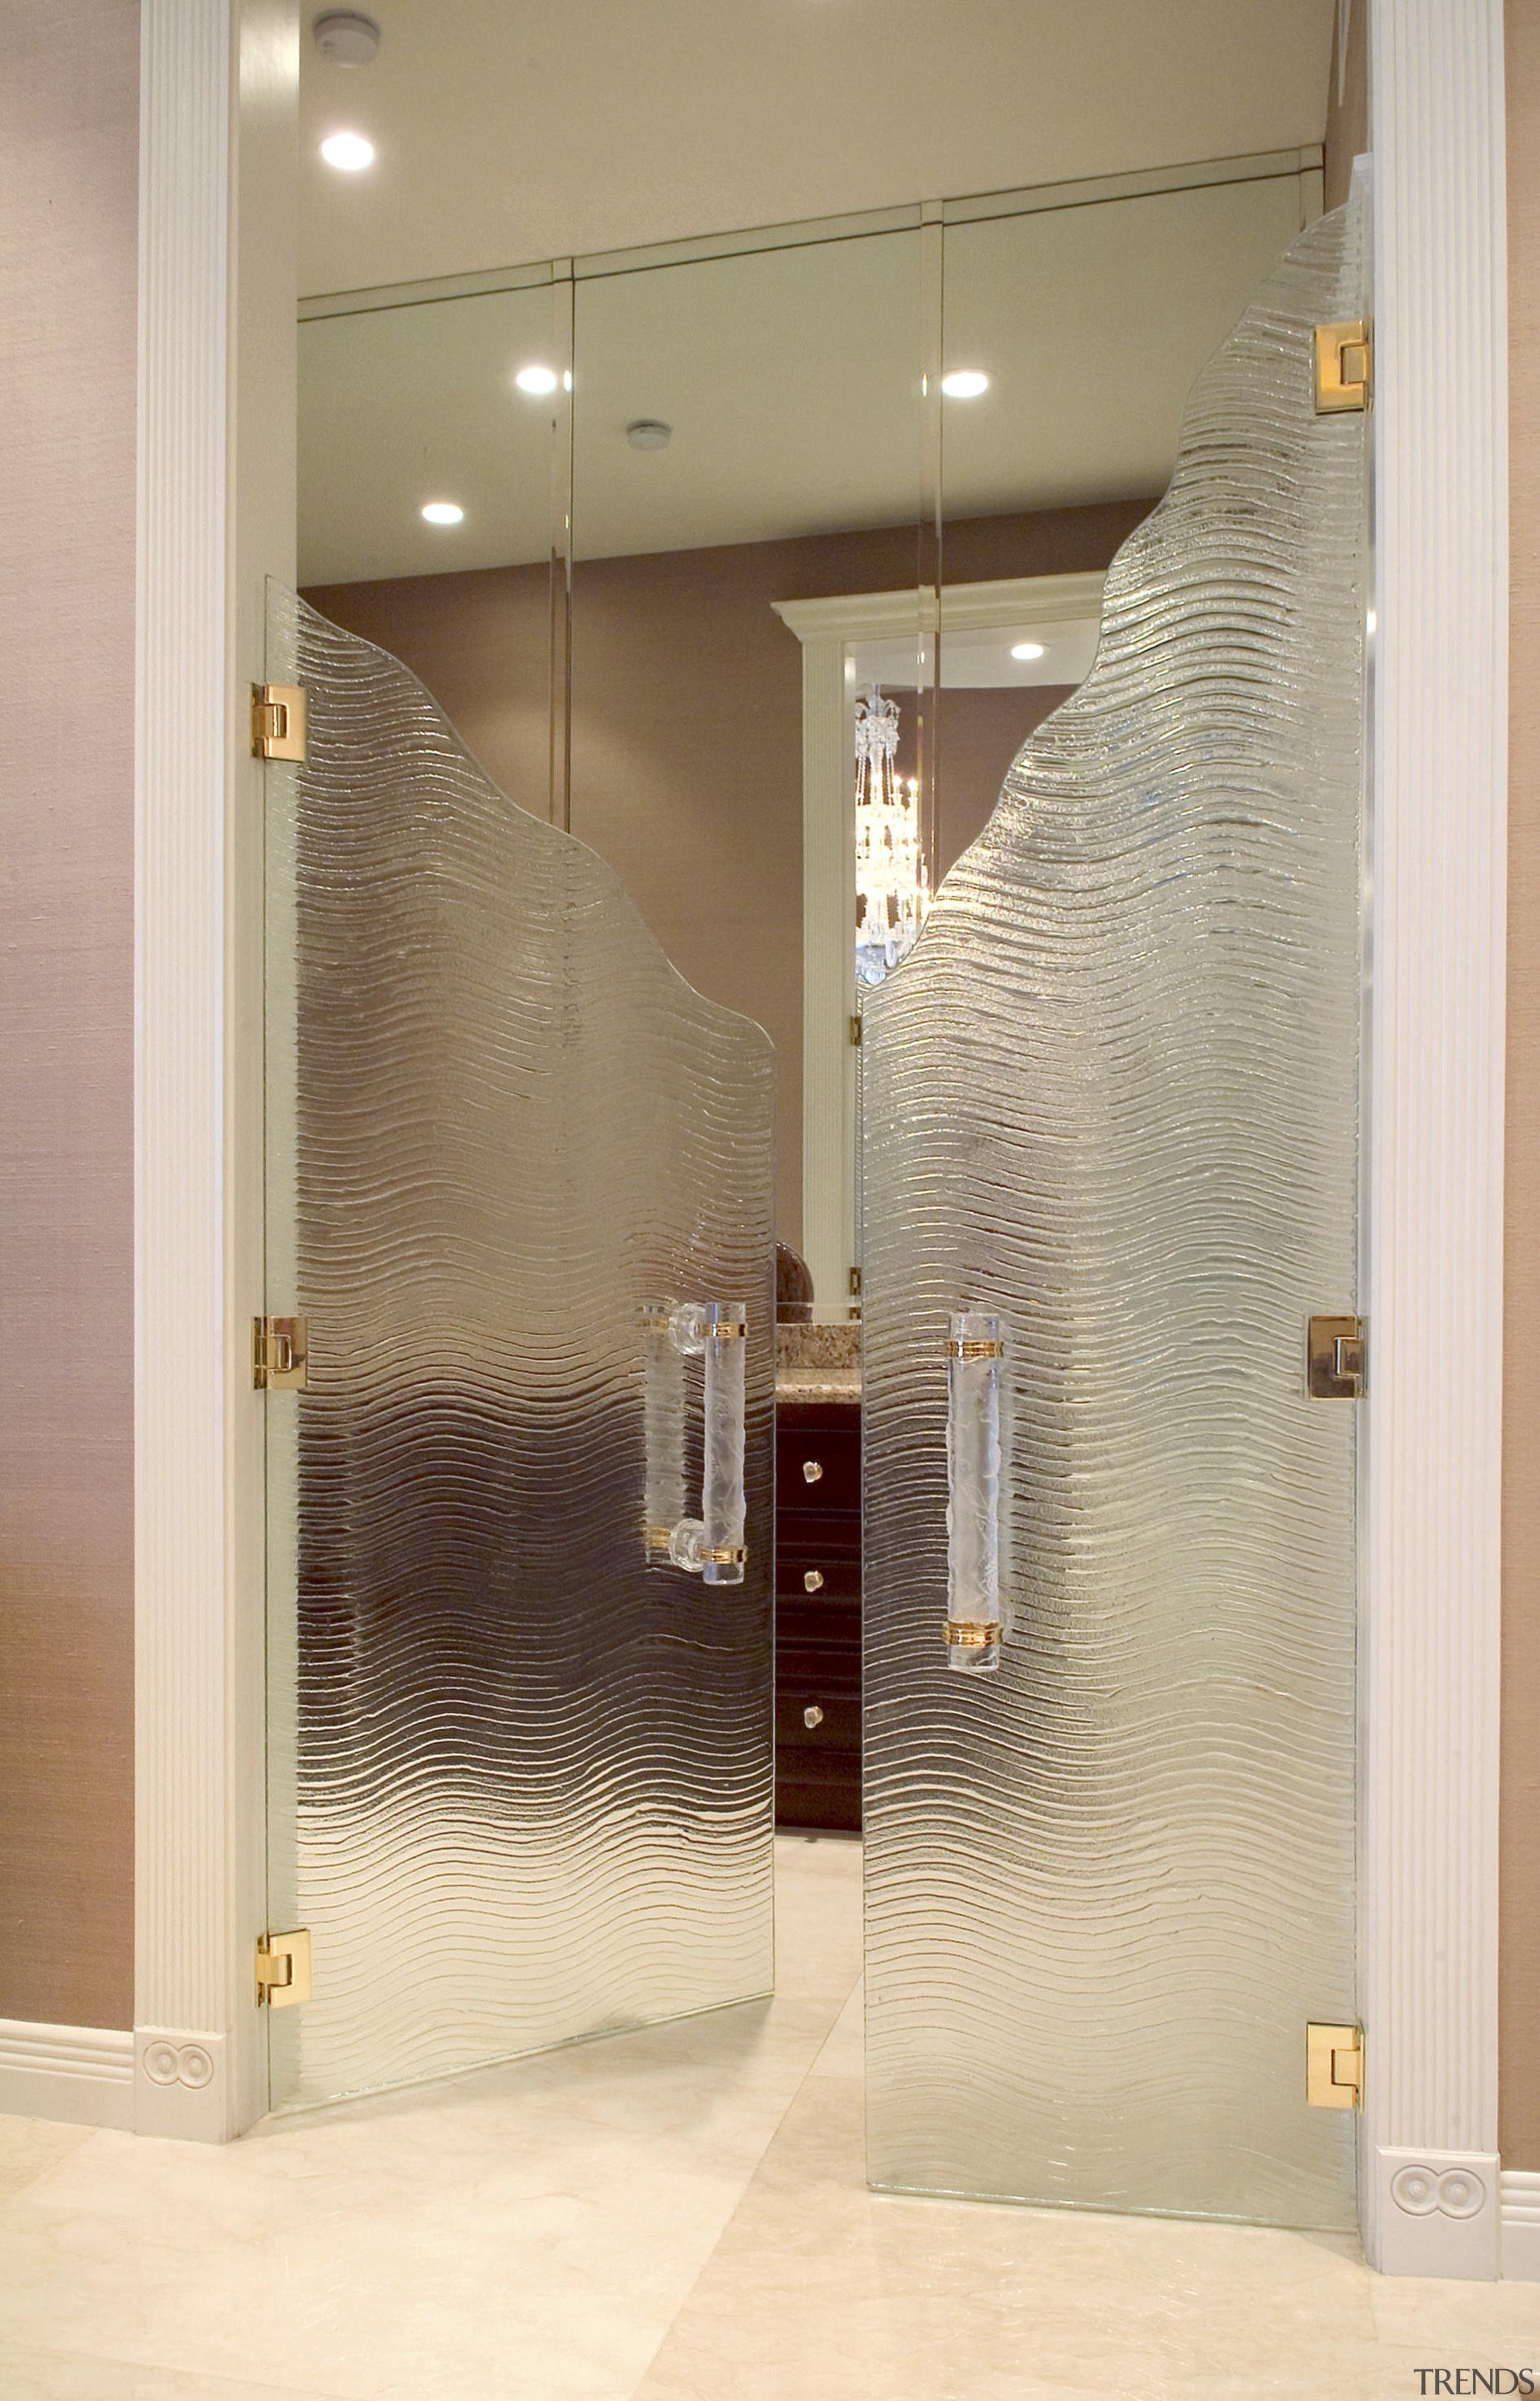 Interior Glass door - Interior Glass door - bathroom, door, glass, interior design, plumbing fixture, wall, orange, brown